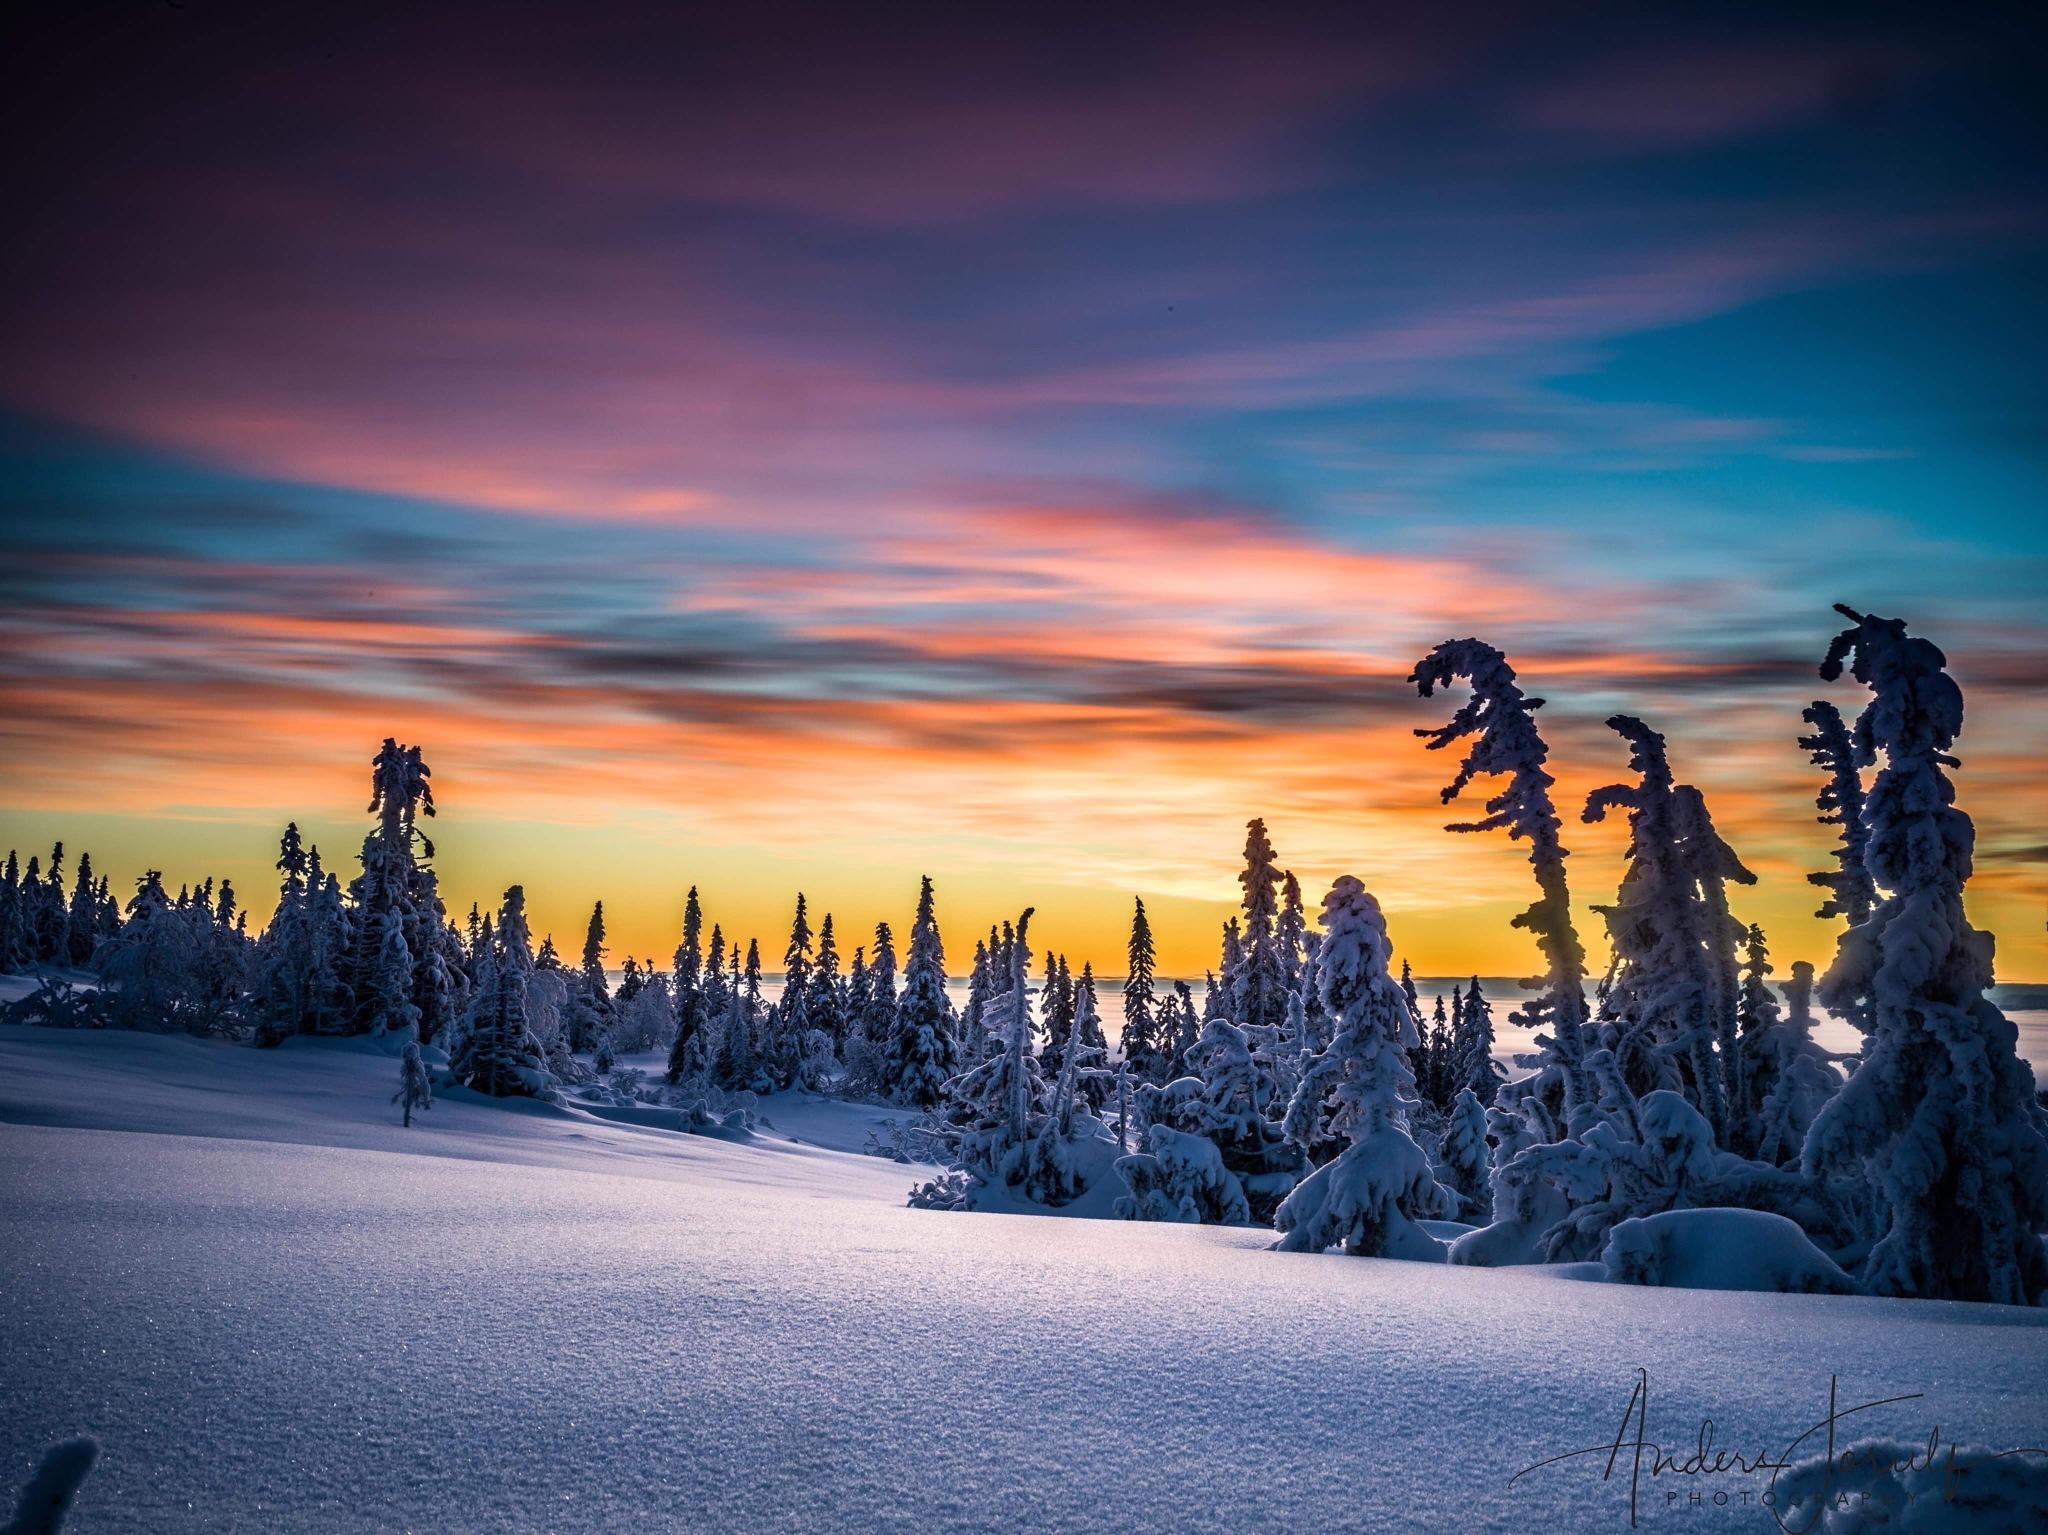 Winter in Sweden by Anders Jorulf